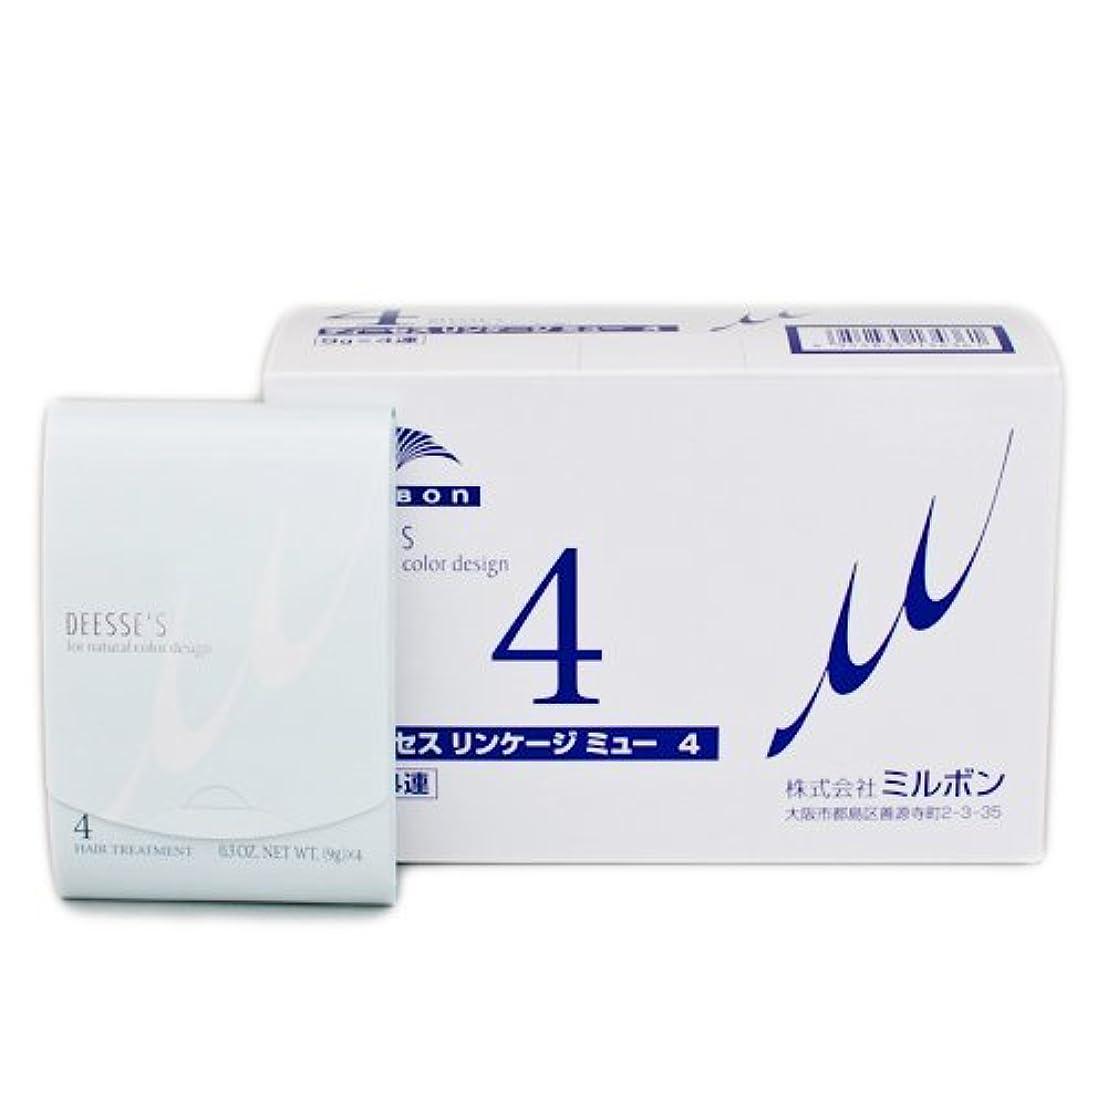 手伝う風邪をひくふりをするミルボン ディーセス リンケージ ミュー 4 業務用9g×4連×10入